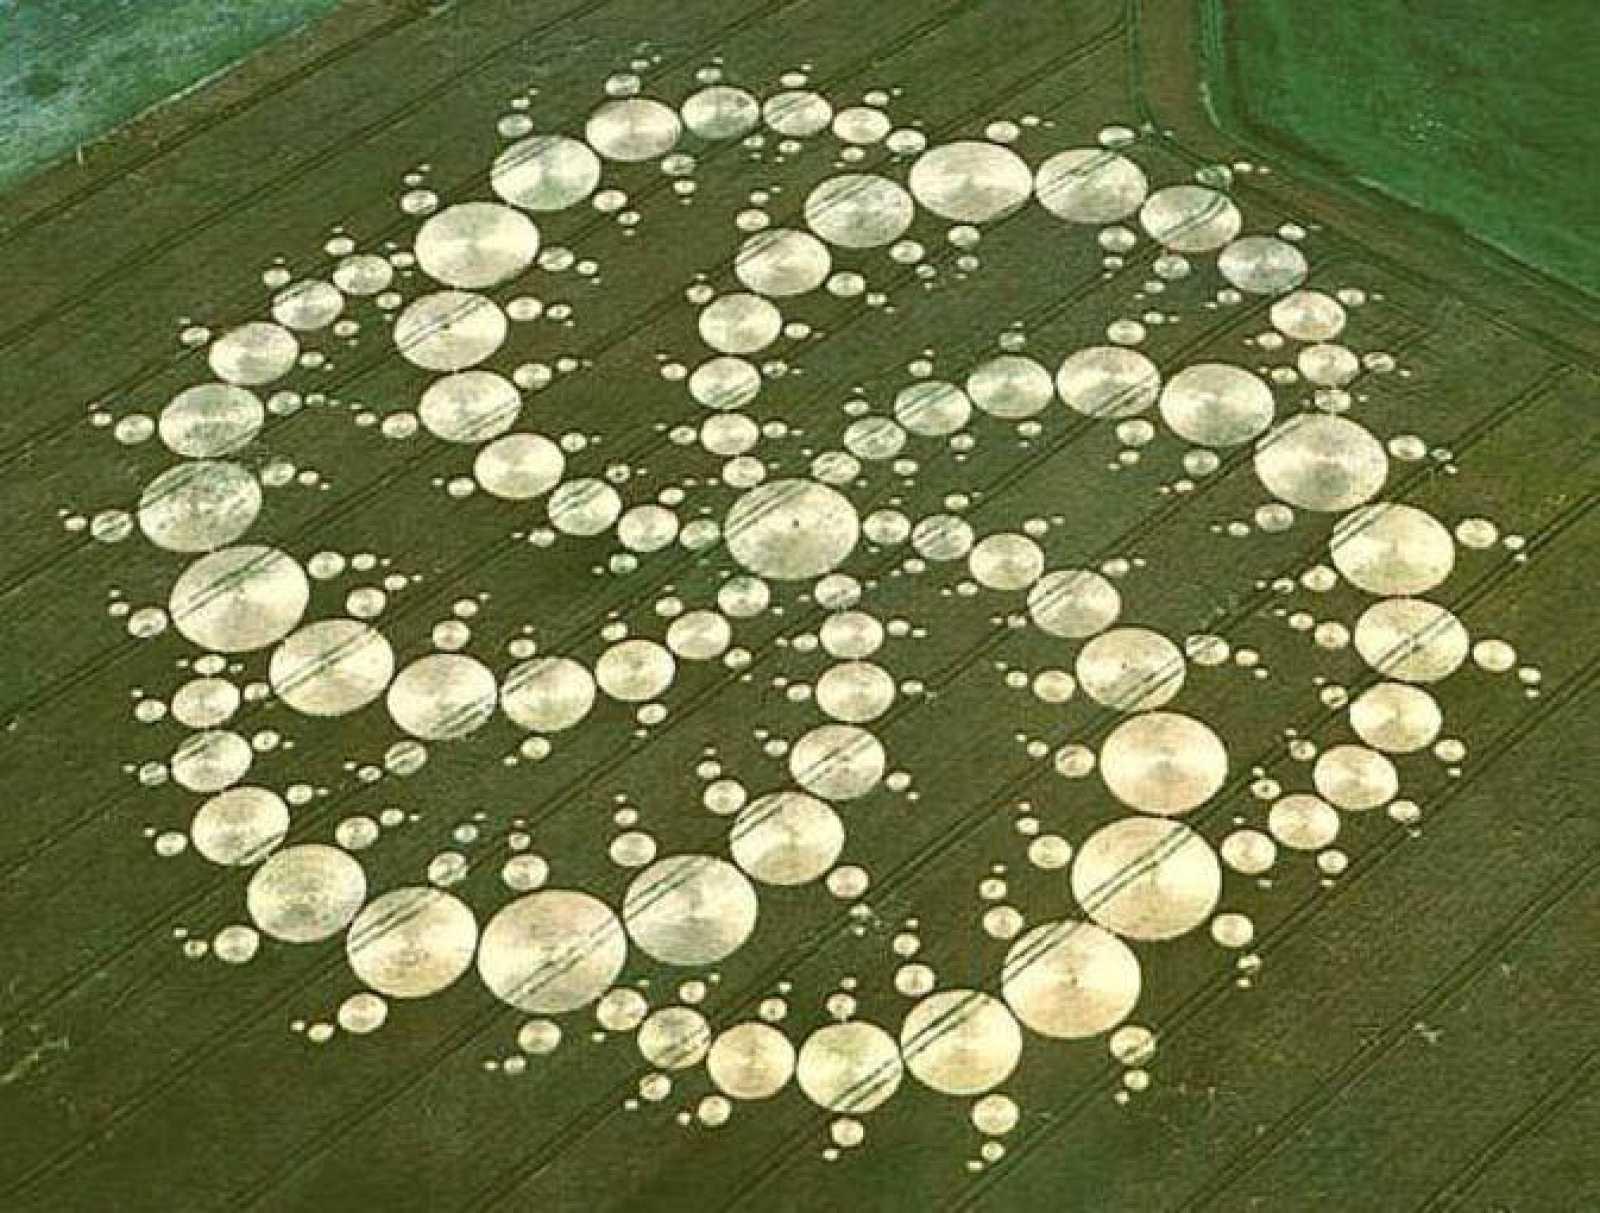 Una de las imágenes de los círculos de las cosechas tomada en 2004 de 240 metros